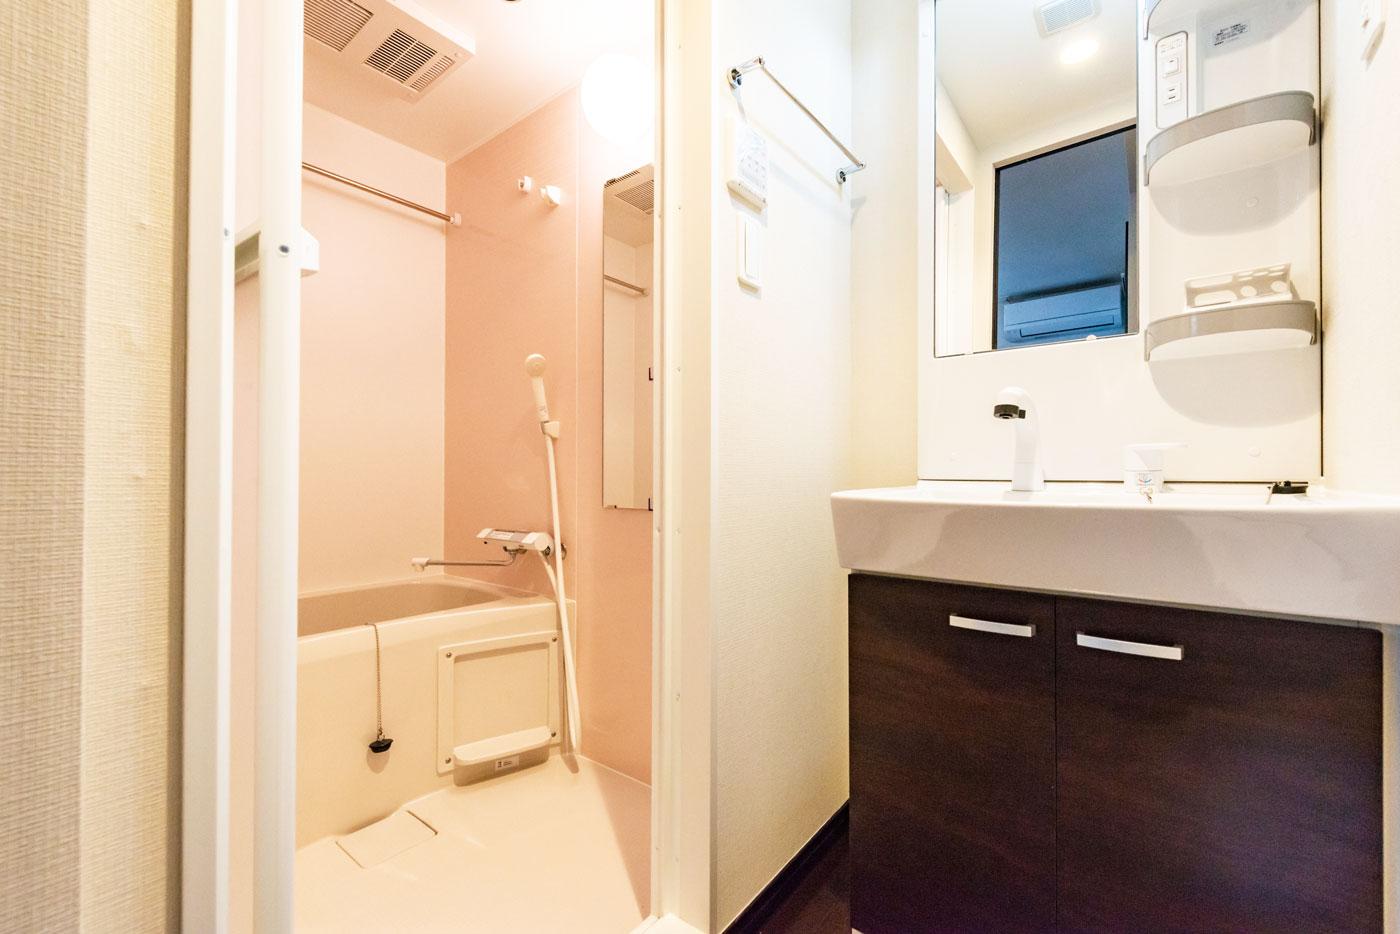 201-8 洗面室・浴室(2階4階Aタイプ共通)